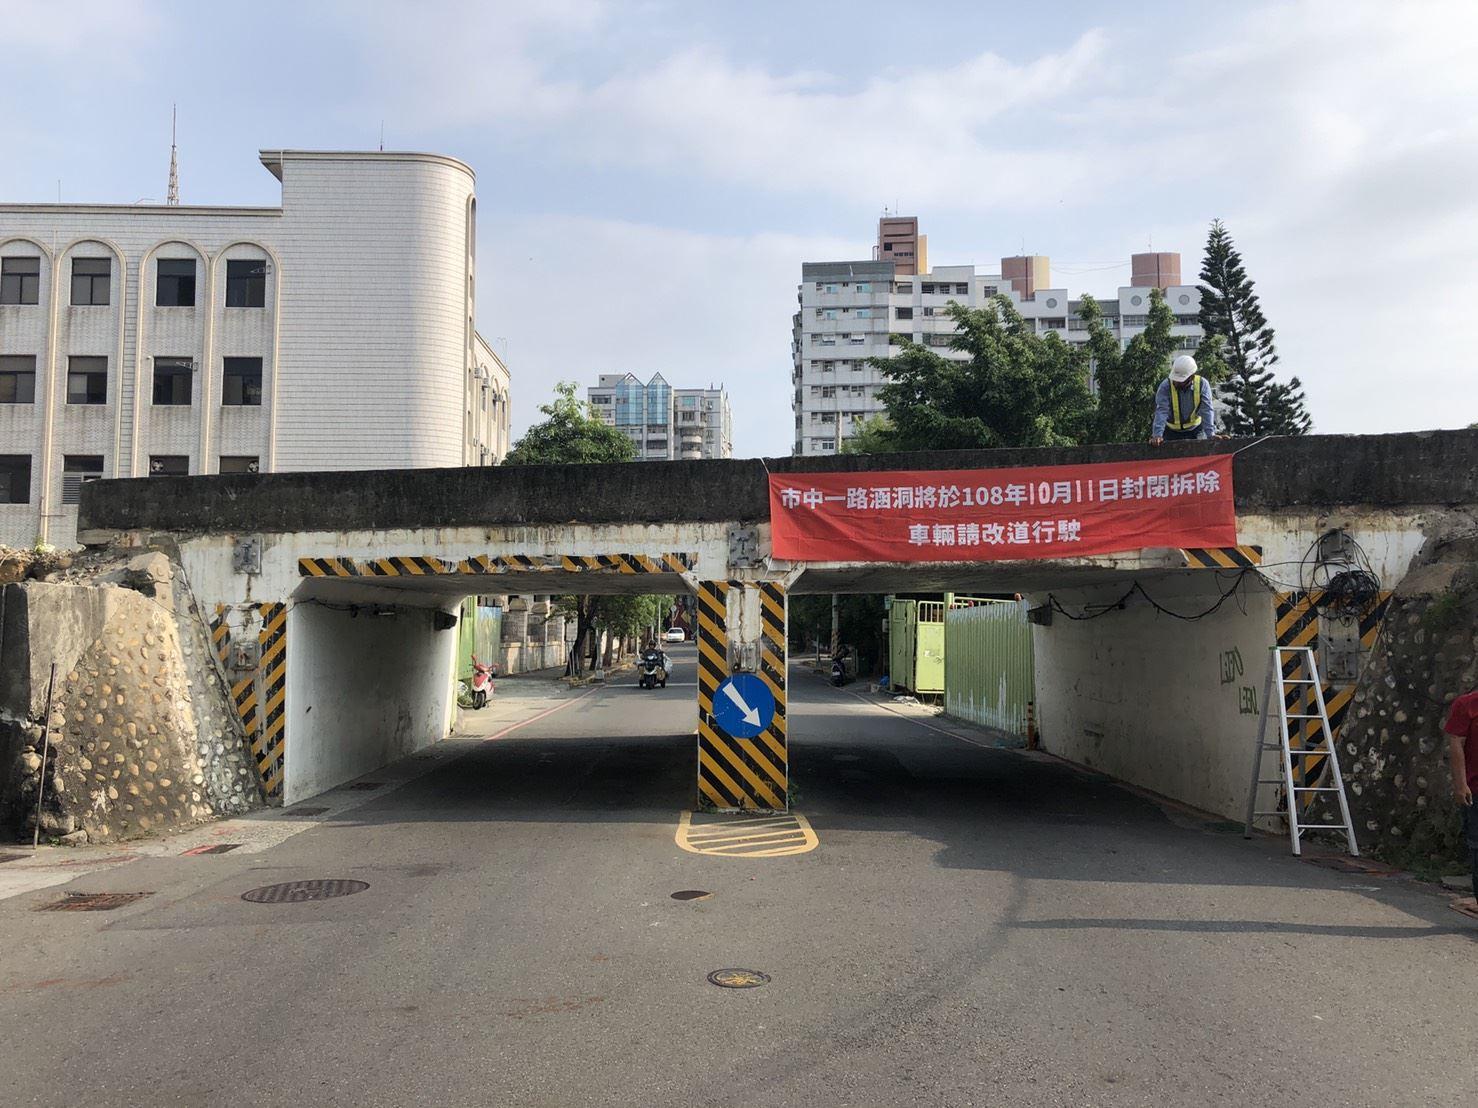 市中路涵洞將在10月11日拆除.jpg